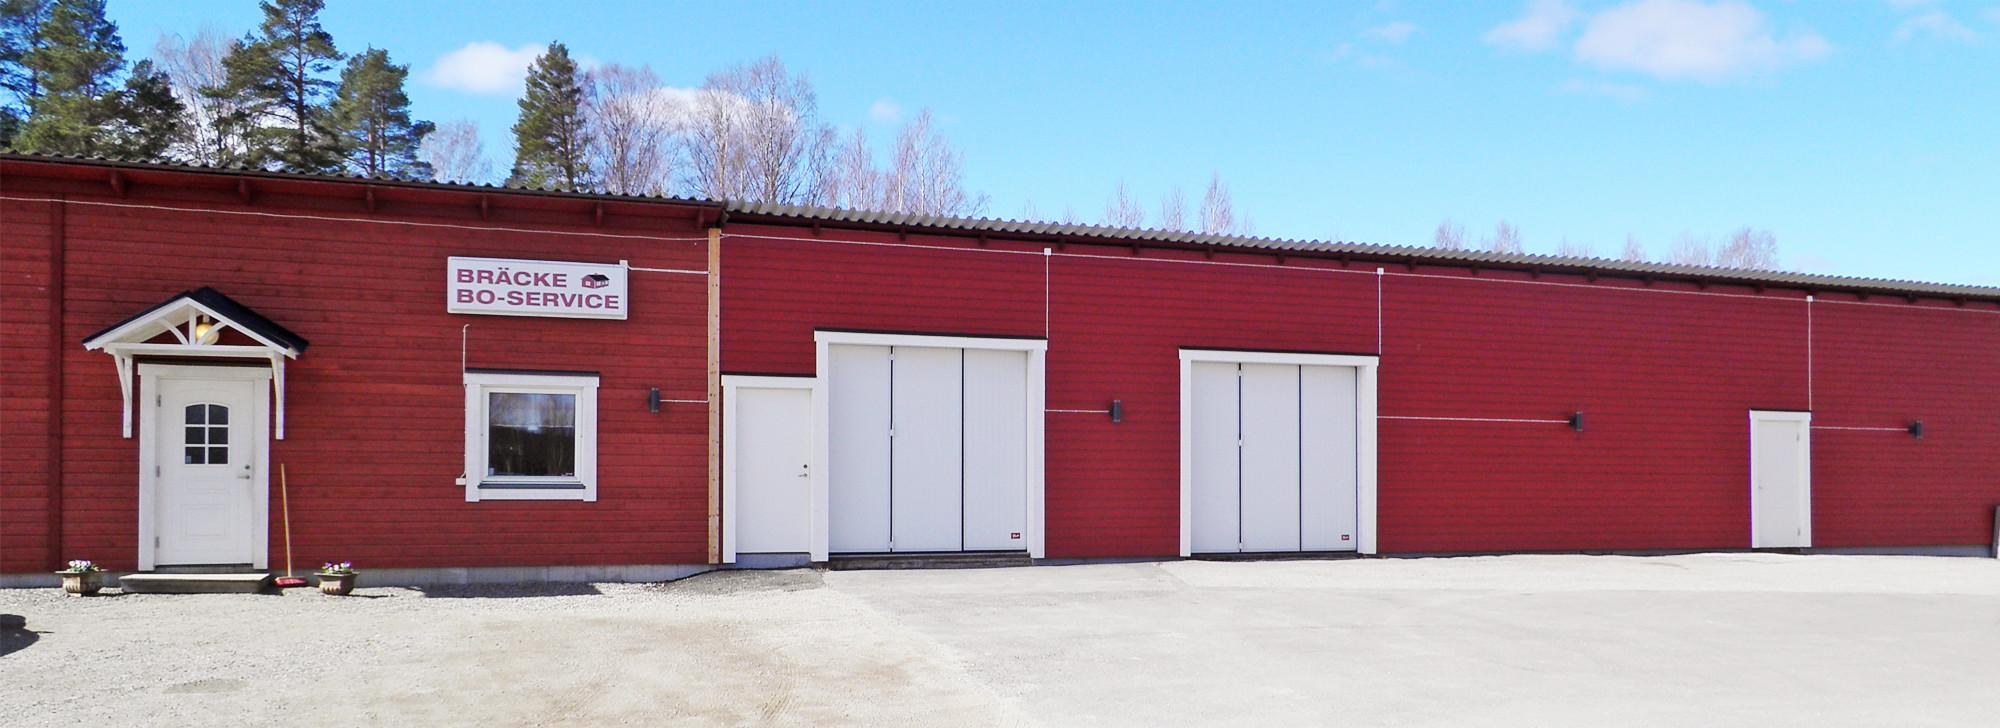 Bräcke Bo-Service - Byggnads och måleriarbeten b1e9ccf7616c7